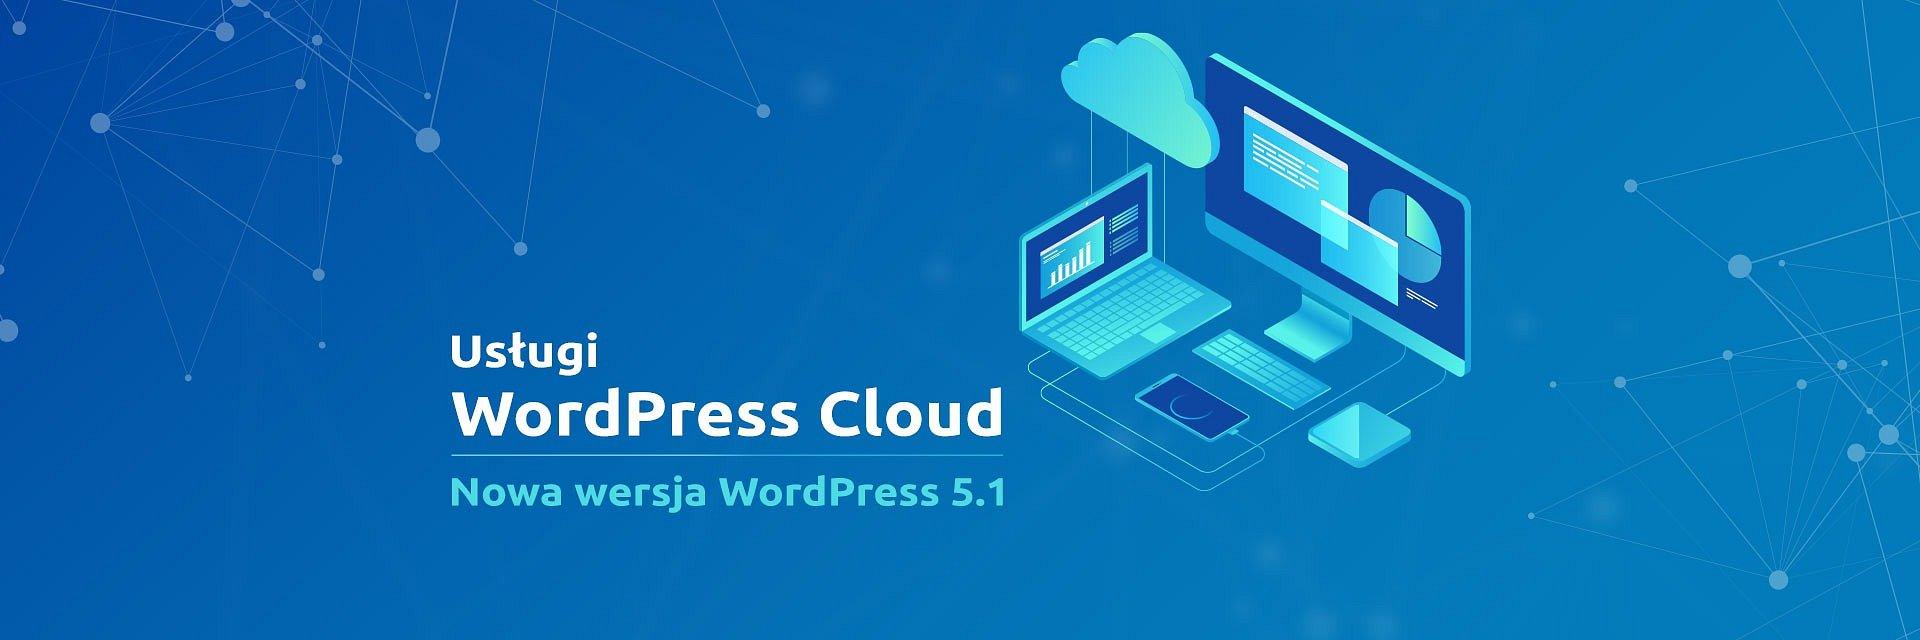 Aktualizacja WordPress 5.1 w nazwa.pl